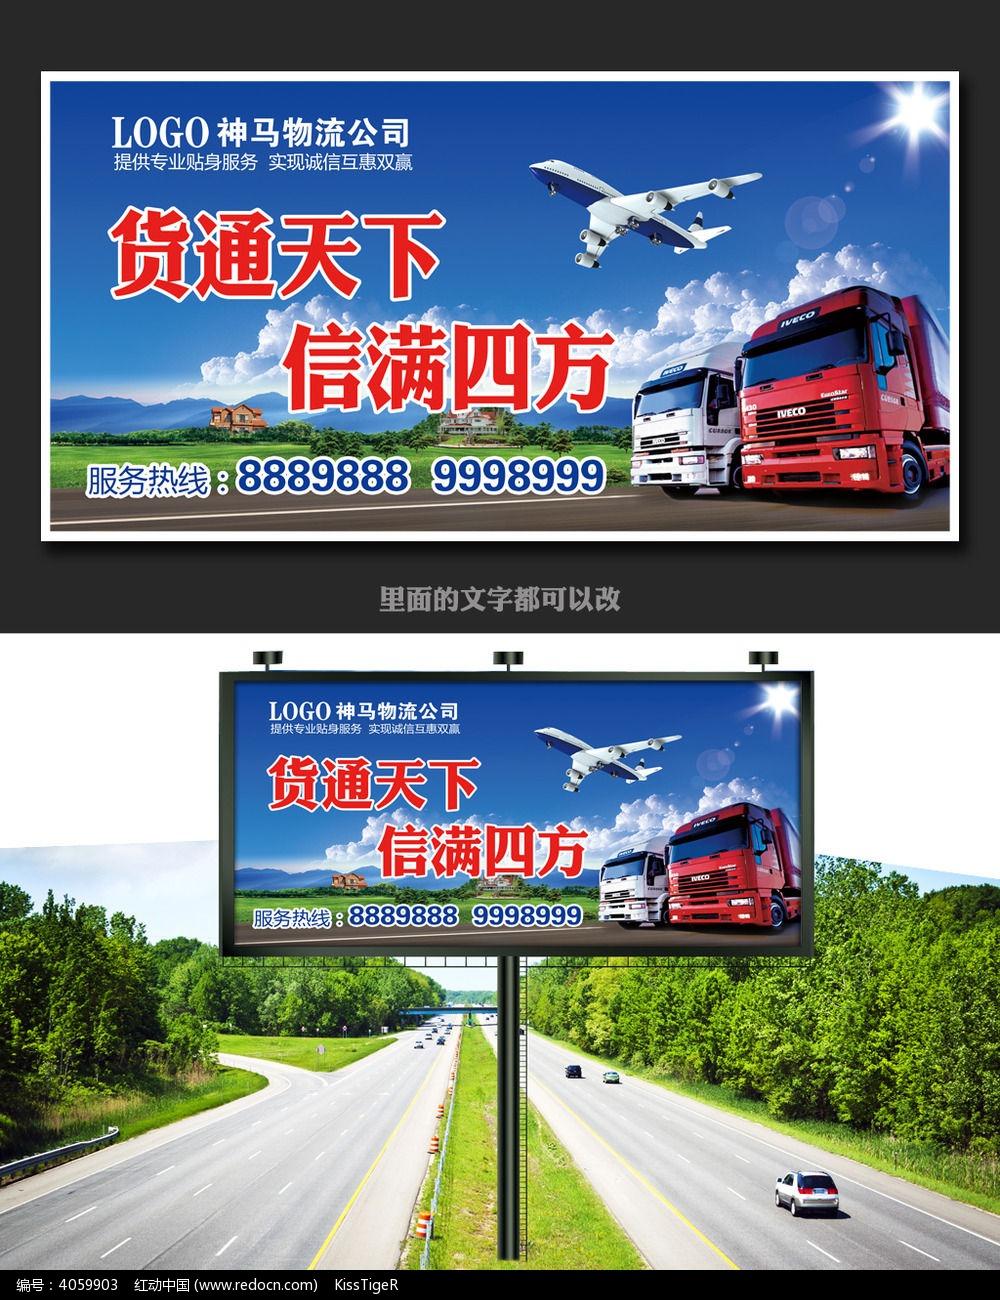 原创设计稿 海报设计/宣传单/广告牌 广告牌 户外广告 物流公司宣传图片